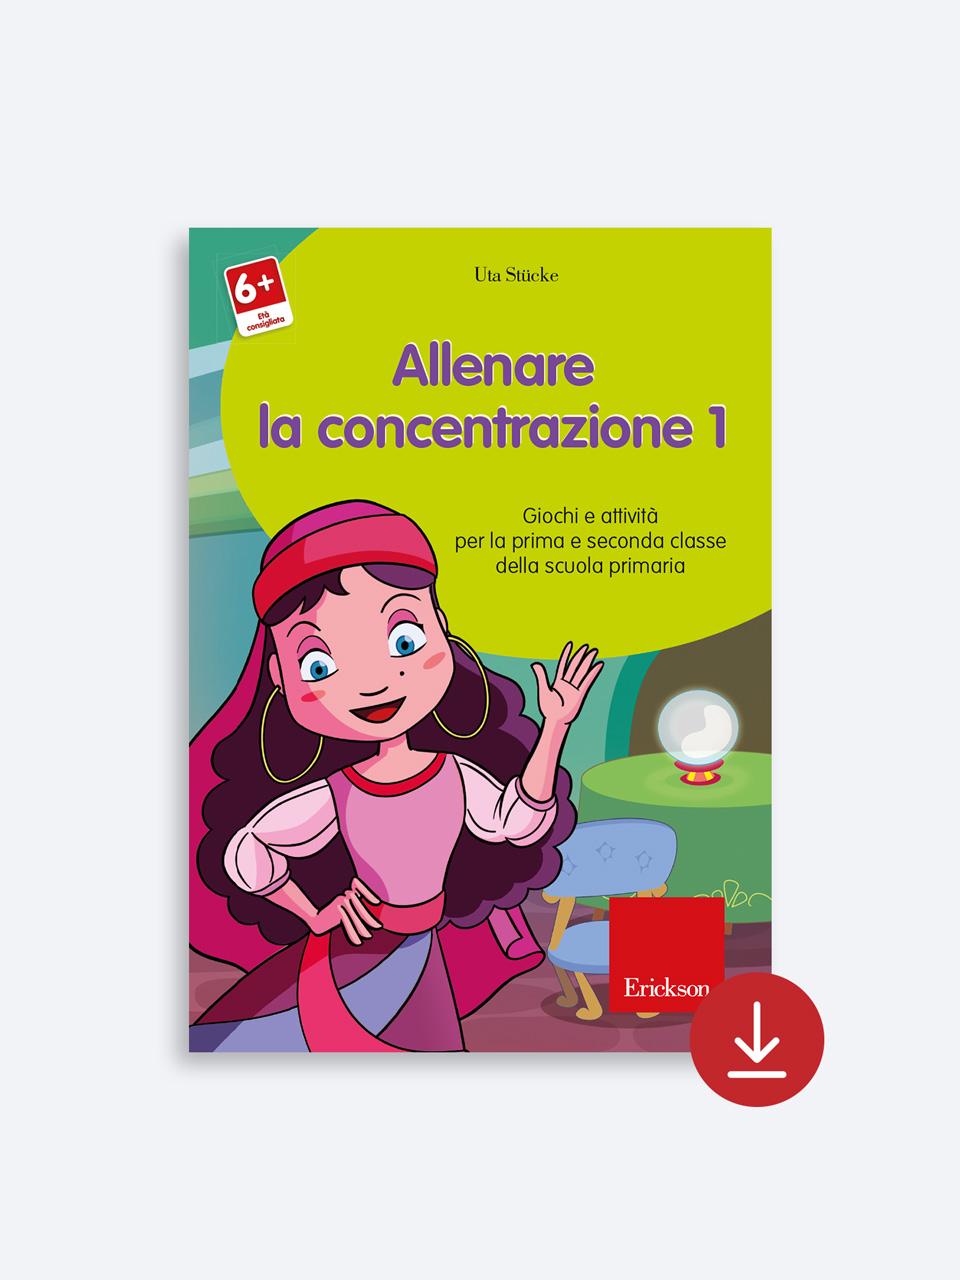 Allenare la concentrazione - Volume 1 - Allenare la concentrazione - Volume 2 - Libri - App e software - Erickson